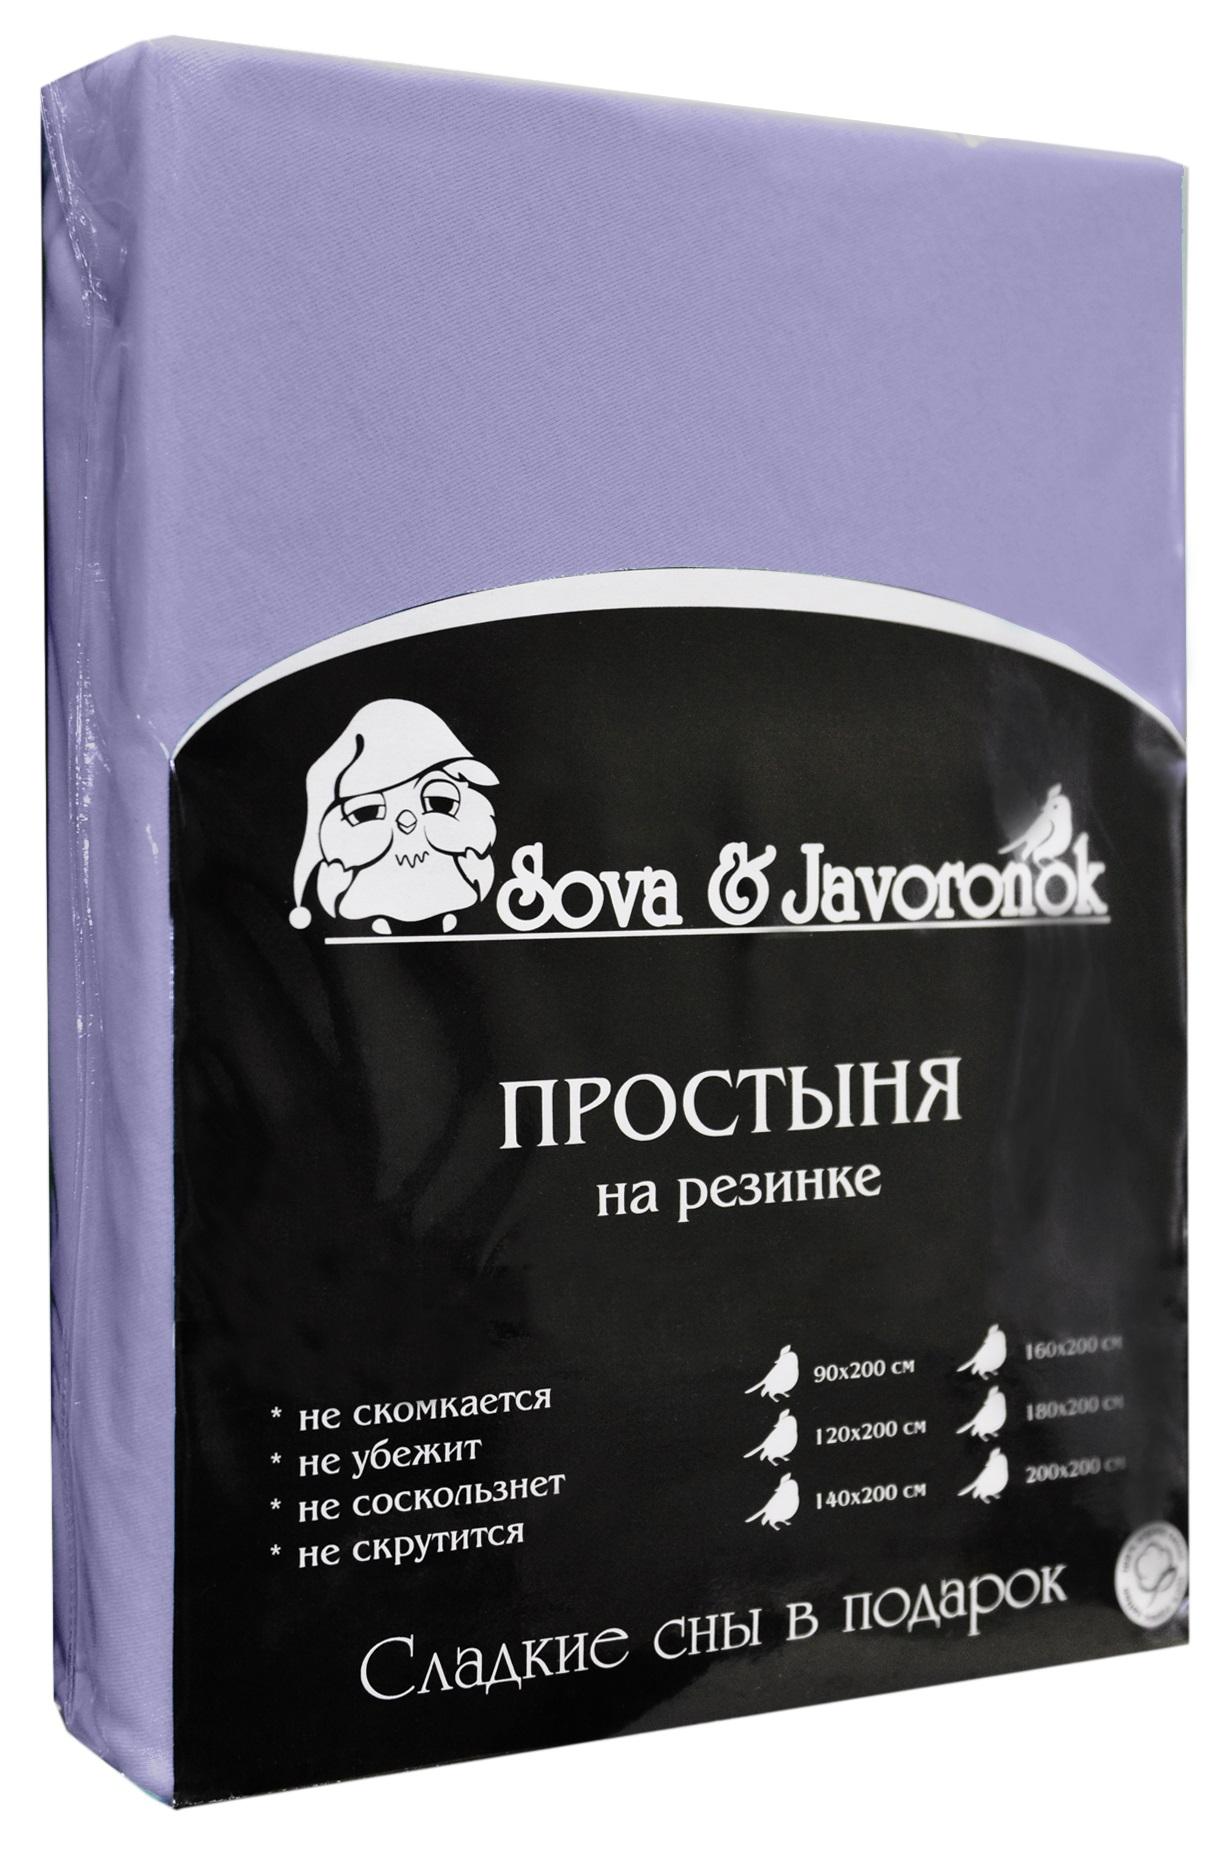 Простыня на резинке Sova & Javoronok, цвет: фиолетовый, 120 см х 200 см531-105Простыня на резинке Sova & Javoronok, изготовленная из трикотажной ткани (100% хлопок), будет превосходно смотреться с любыми комплектами белья. Хлопчатобумажный трикотаж по праву считается одним из самых качественных, прочных и при этом приятных на ощупь. Его гигиеничность позволяет использовать простыню и в детских комнатах, к тому же 100%-ый хлопок в составе ткани не вызовет аллергии. У трикотажного полотна очень интересная структура, немного рыхлая за счет отсутствия плотного переплетения нитей и наличия особых петель, благодаря этому простыня Сова и Жаворонок отлично пропускает воздух и способствует его постоянной циркуляции. Поэтому ваша постель будет всегда оставаться свежей. Но главное и, пожалуй, самое известное свойство трикотажа - это его великолепная растяжимость, поэтому эта ткань и была выбрана для натяжной простыни на резинке.Простыня прошита резинкой по всему периметру, что обеспечивает более комфортный отдых, так как она прочно удерживается на матрасе и избавляет от необходимости часто поправлять простыню.